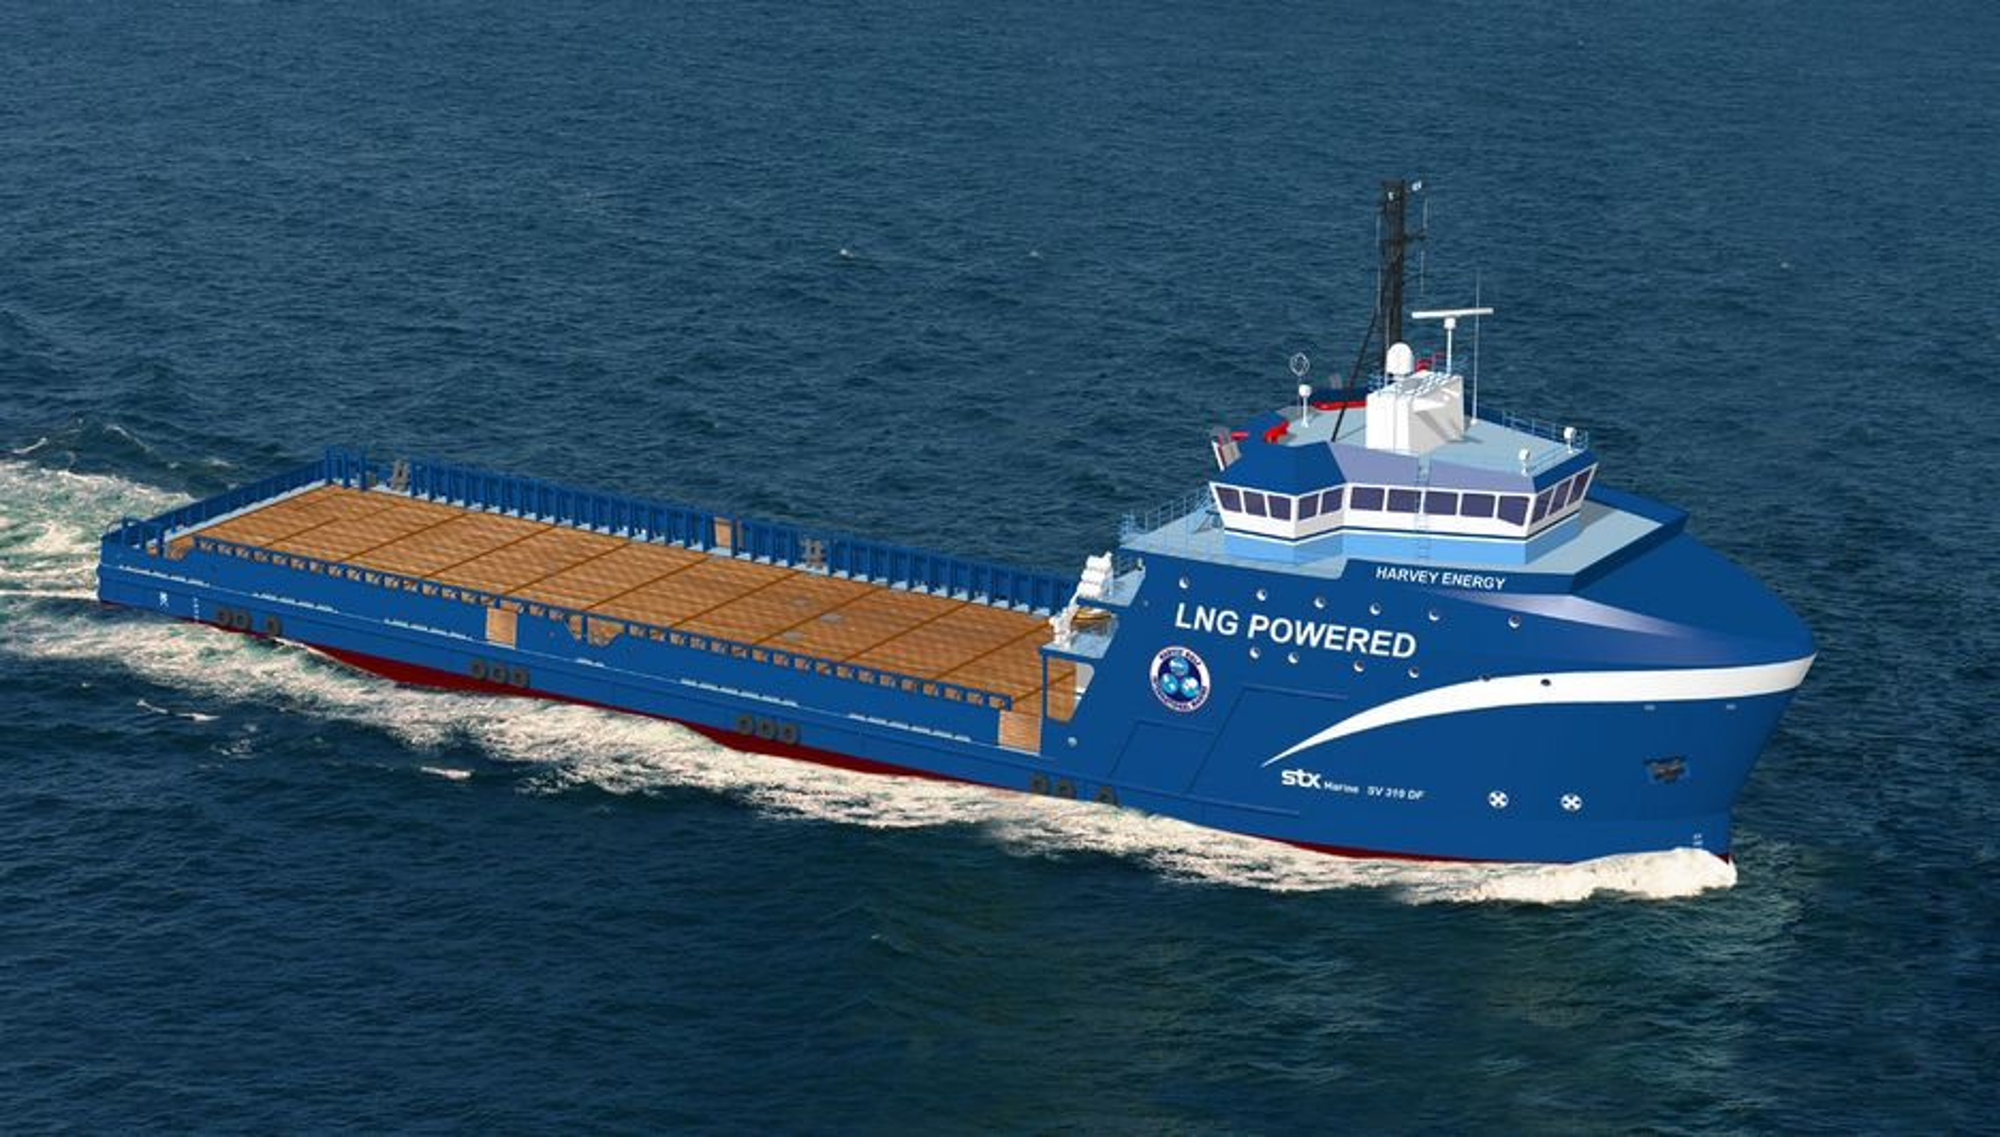 FØRSTE: To supplyskip til Harvey Gulf International Marine utstyres med Wärtsulä dual fuel-motrerer. De blir dermed de første i Meixogulfen som går på LNG.